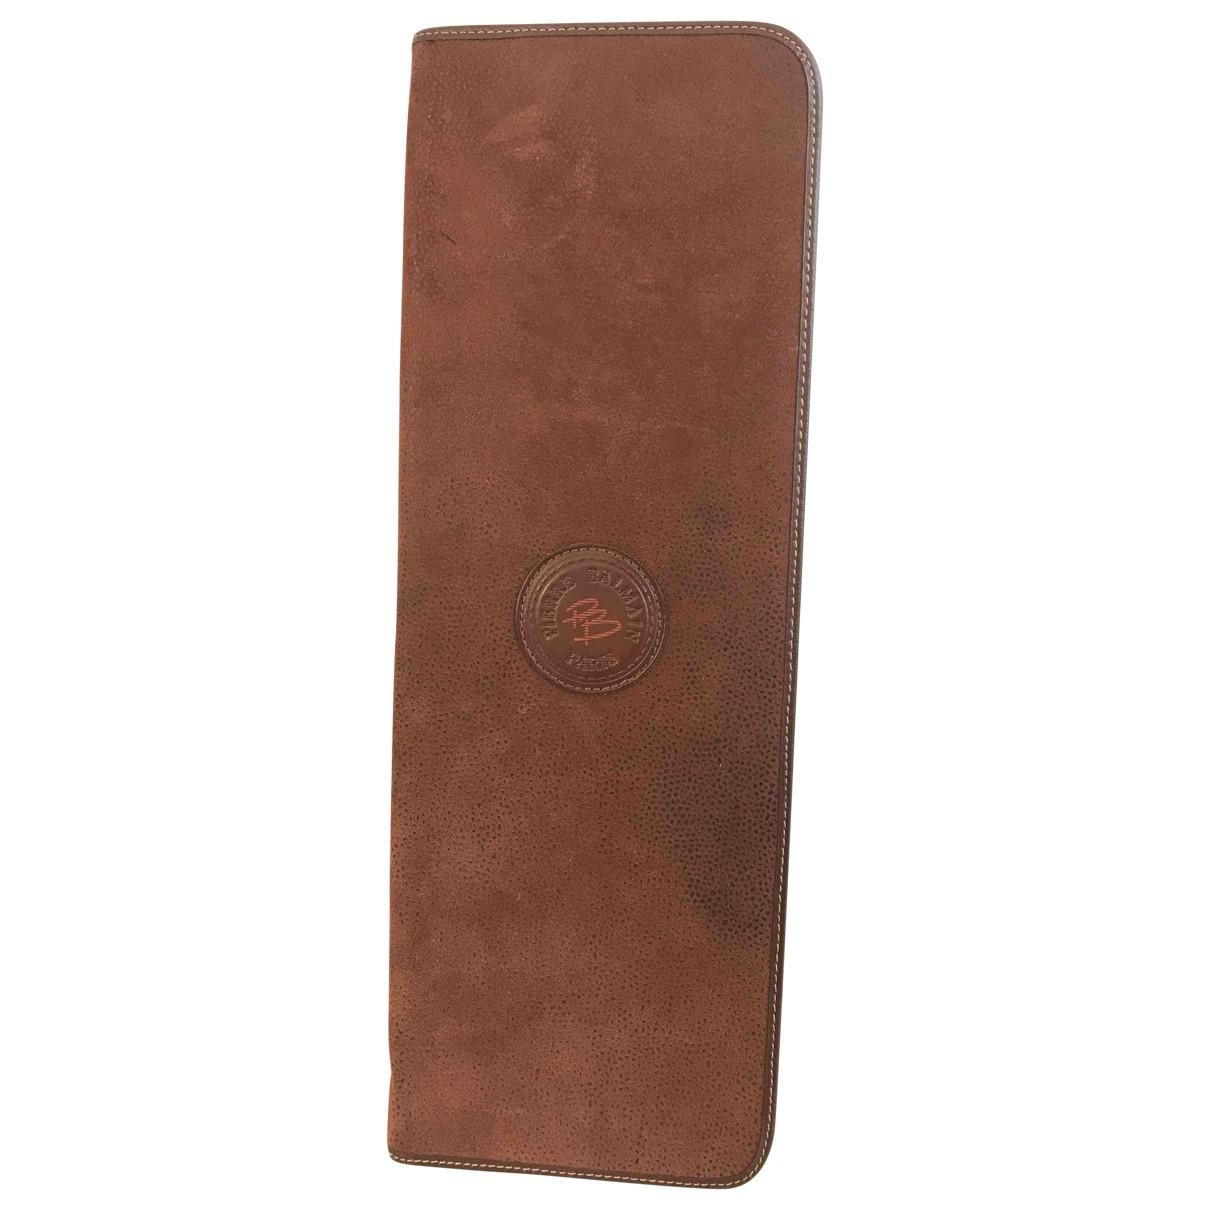 Balmain - Petite maroquinerie   pour homme en cuir - marron